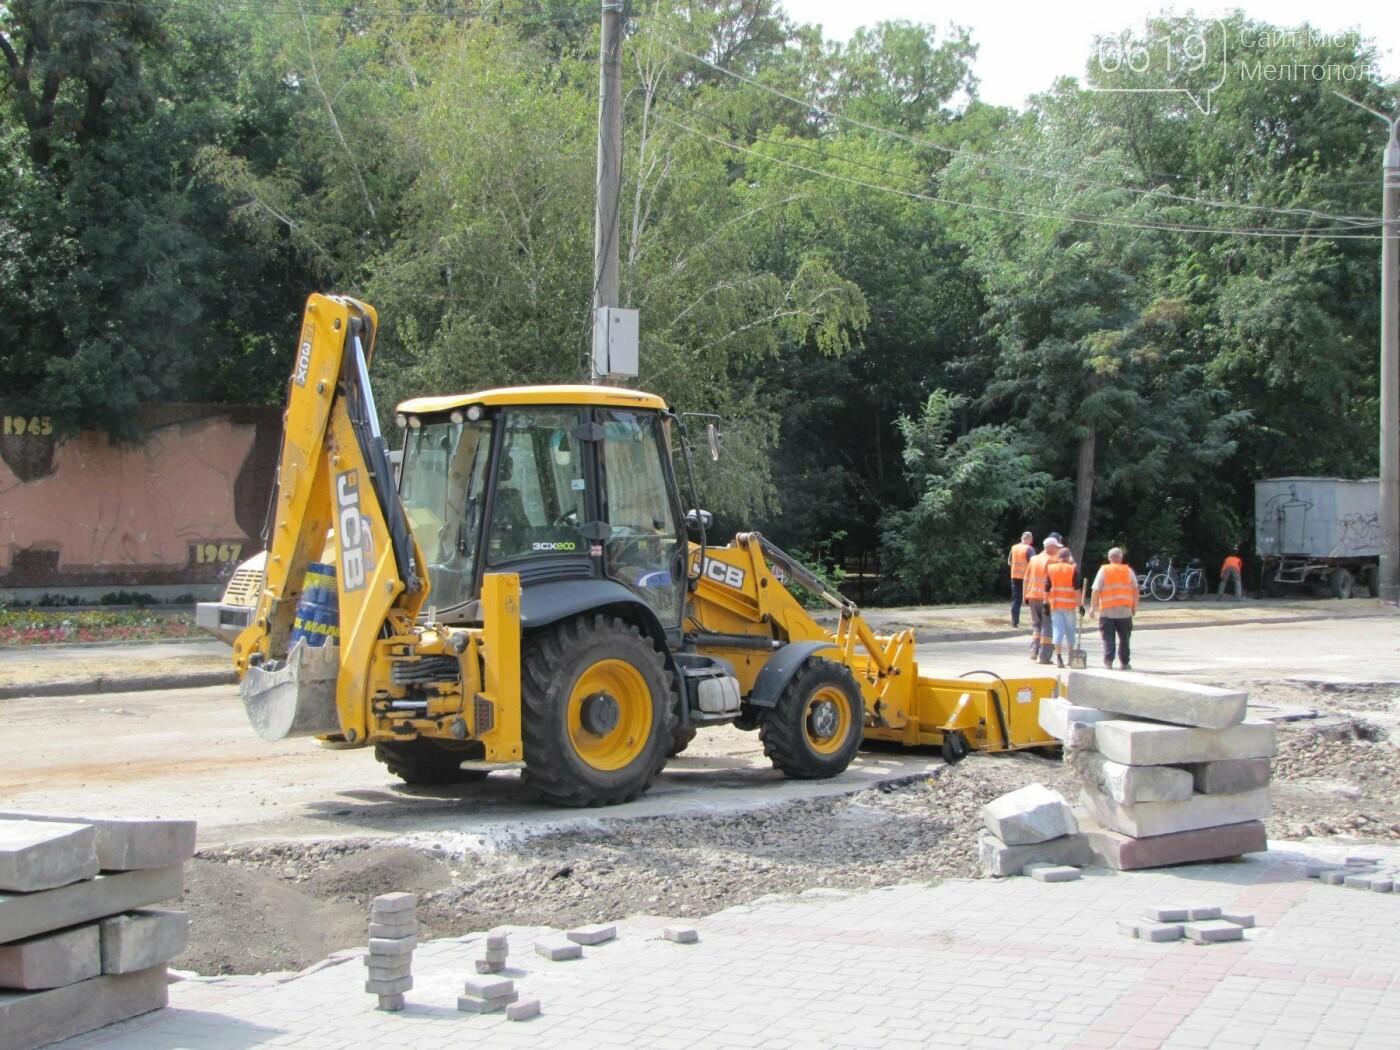 Ремонт на миллионы: в Мелитополе реконструкцию улицы завершат ко Дню города, фото-1, Фото сайта 0619